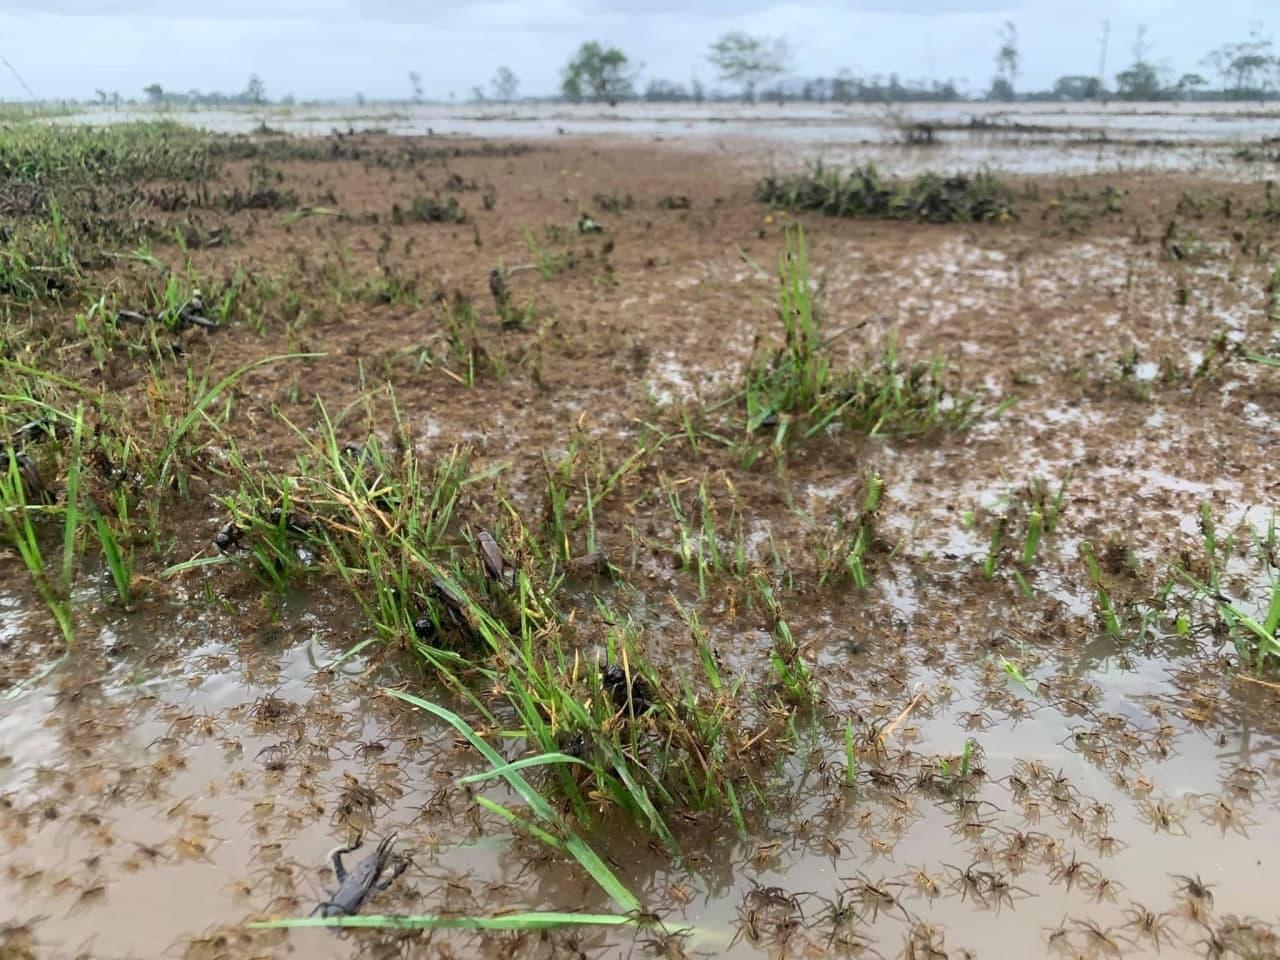 Австралия страдает от страшного наводнения: подробности (ФОТО, ВИДЕО) - фото 4